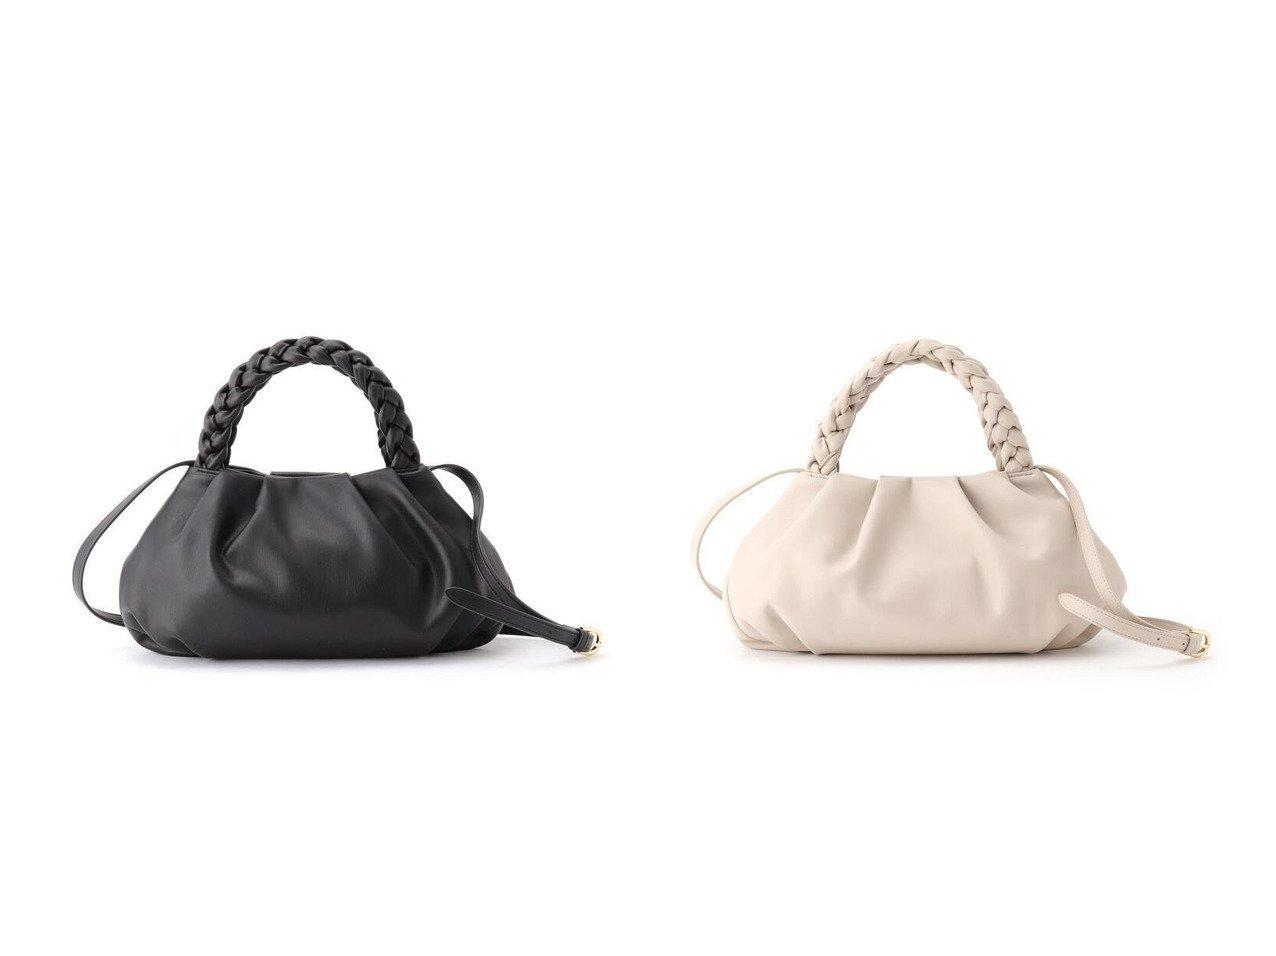 【UNTITLED/アンタイトル】のソフトタック三つ編みハンドバッグ バッグ・鞄のおすすめ!人気、トレンド・レディースファッションの通販 おすすめで人気の流行・トレンド、ファッションの通販商品 メンズファッション・キッズファッション・インテリア・家具・レディースファッション・服の通販 founy(ファニー) https://founy.com/ ファッション Fashion レディースファッション WOMEN バッグ Bag ハンドバッグ フォルム ベーシック ポケット |ID:crp329100000023938